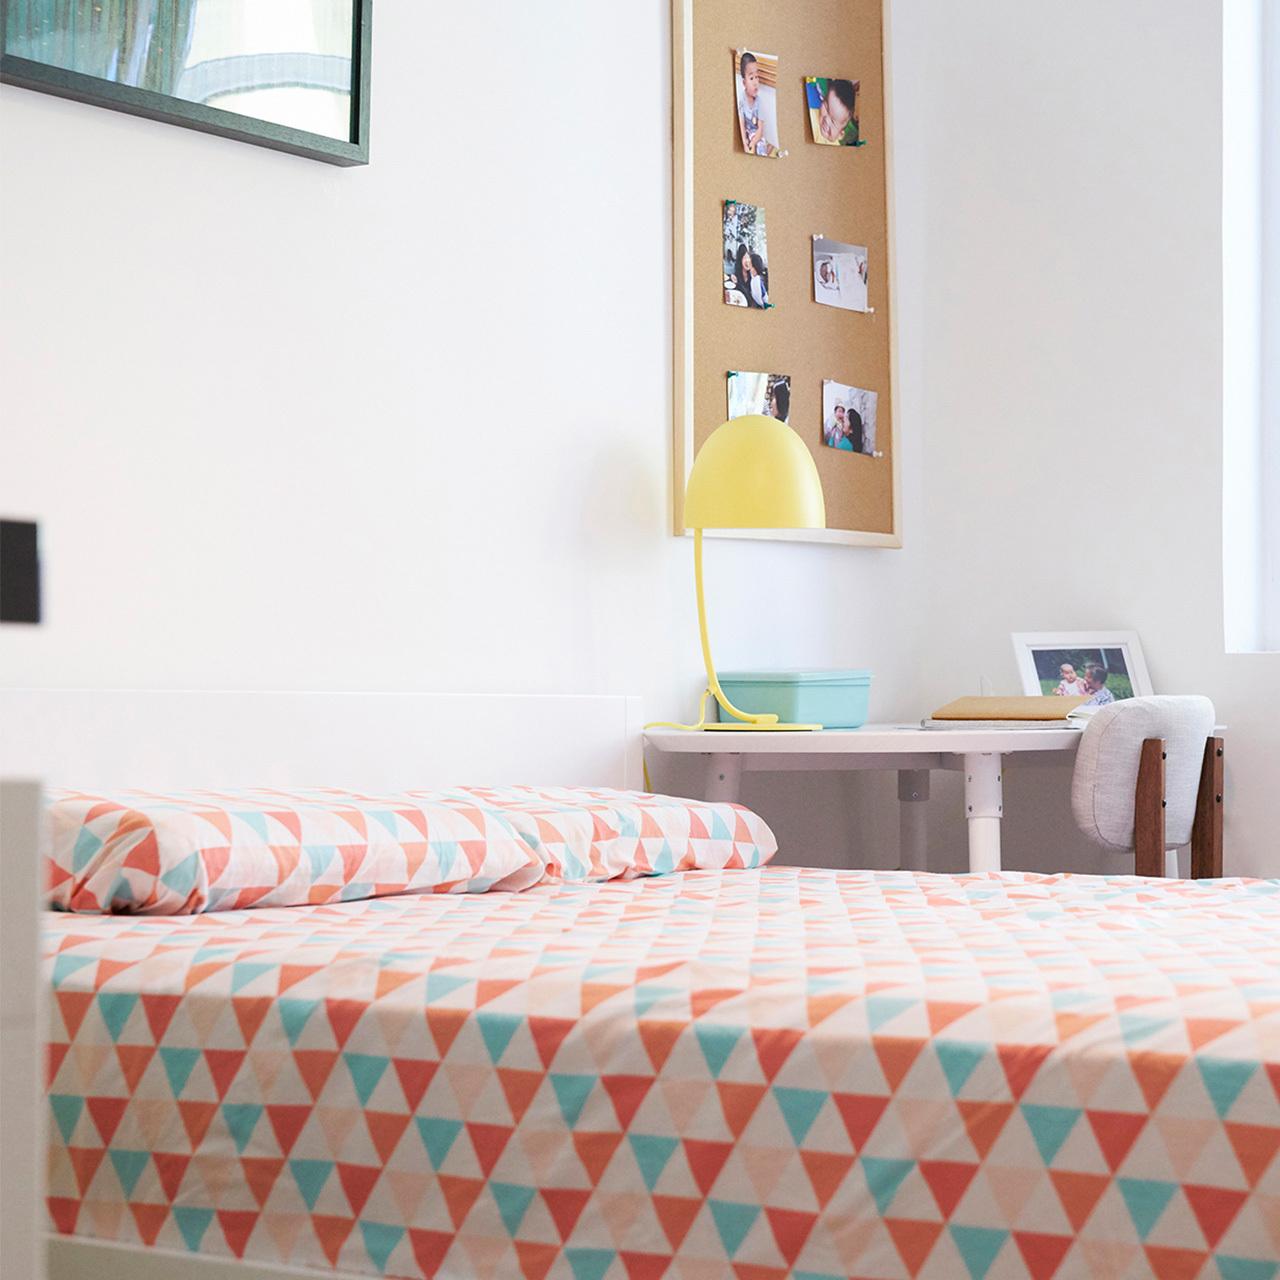 ▲  床头装饰画大一点,让整体空间的色彩更饱满